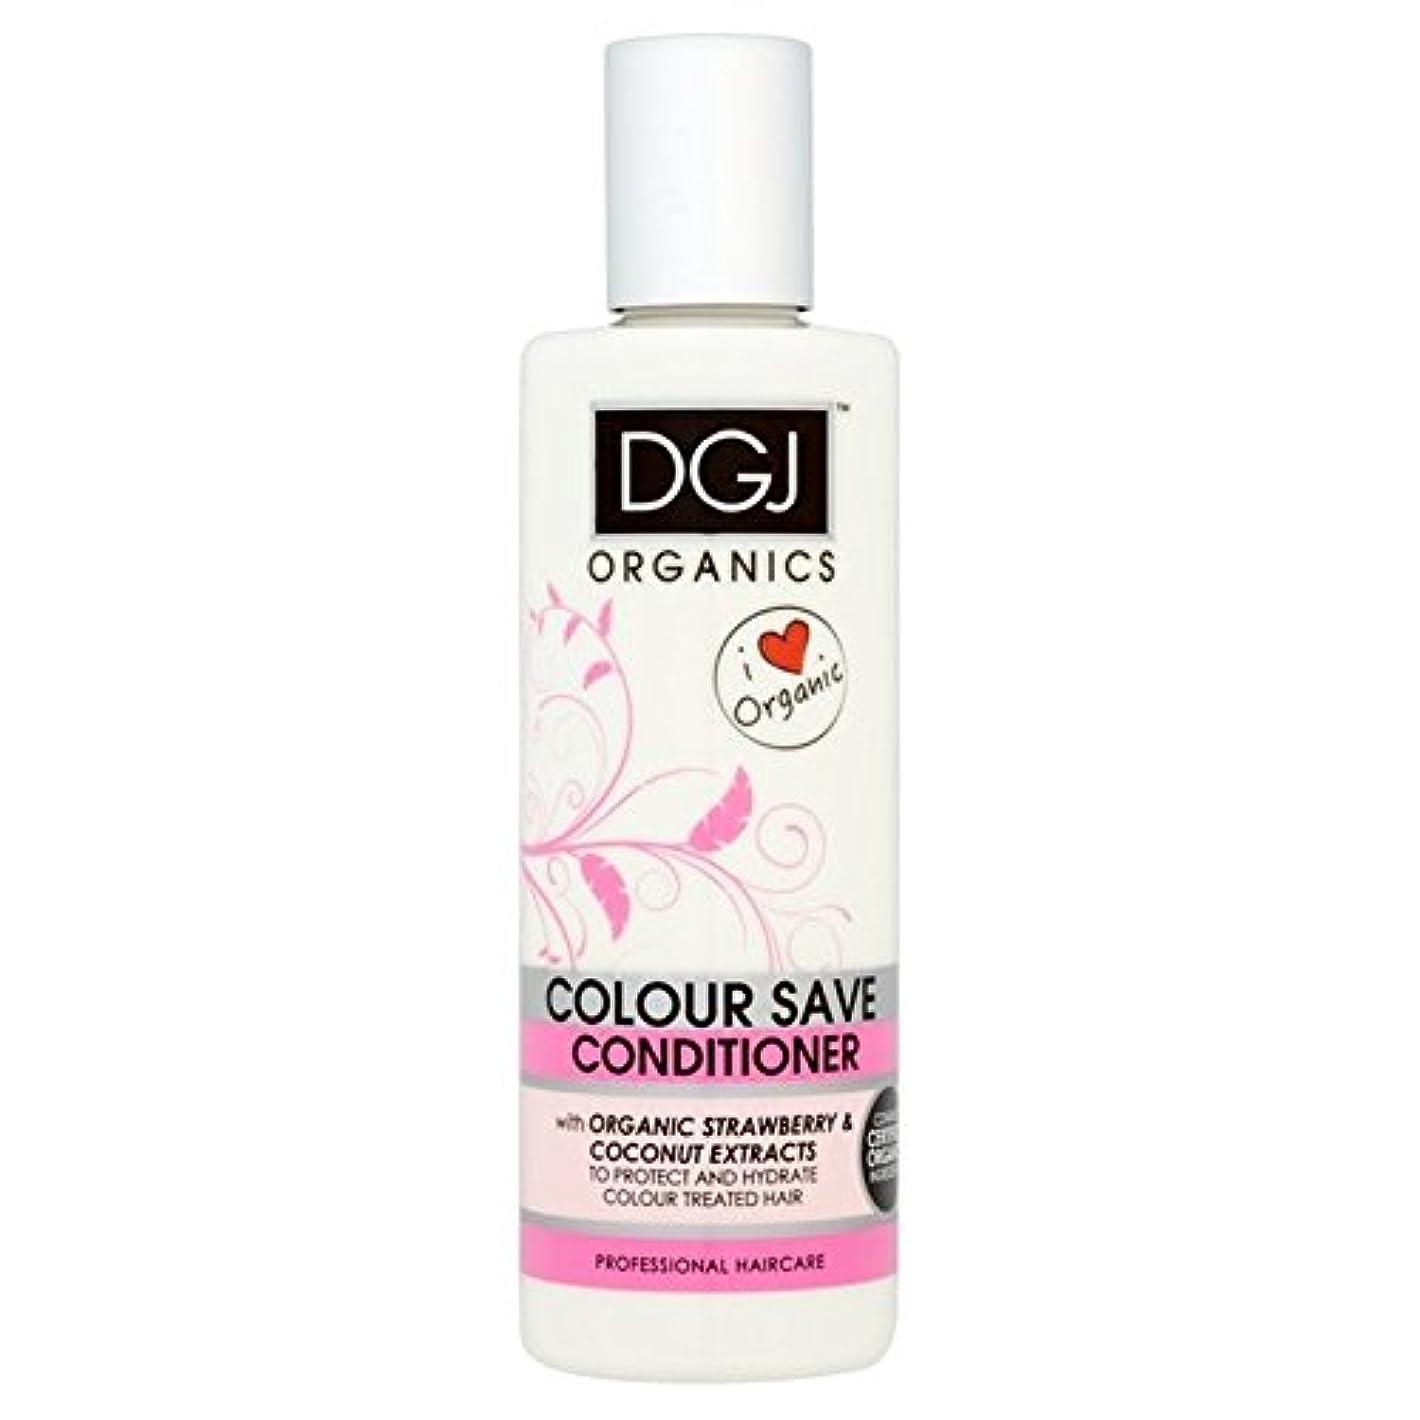 センブランスロータリー寄付する有機物の色コンディショナー250を保存 x4 - DGJ Organics Colour Save Conditioner 250ml (Pack of 4) [並行輸入品]